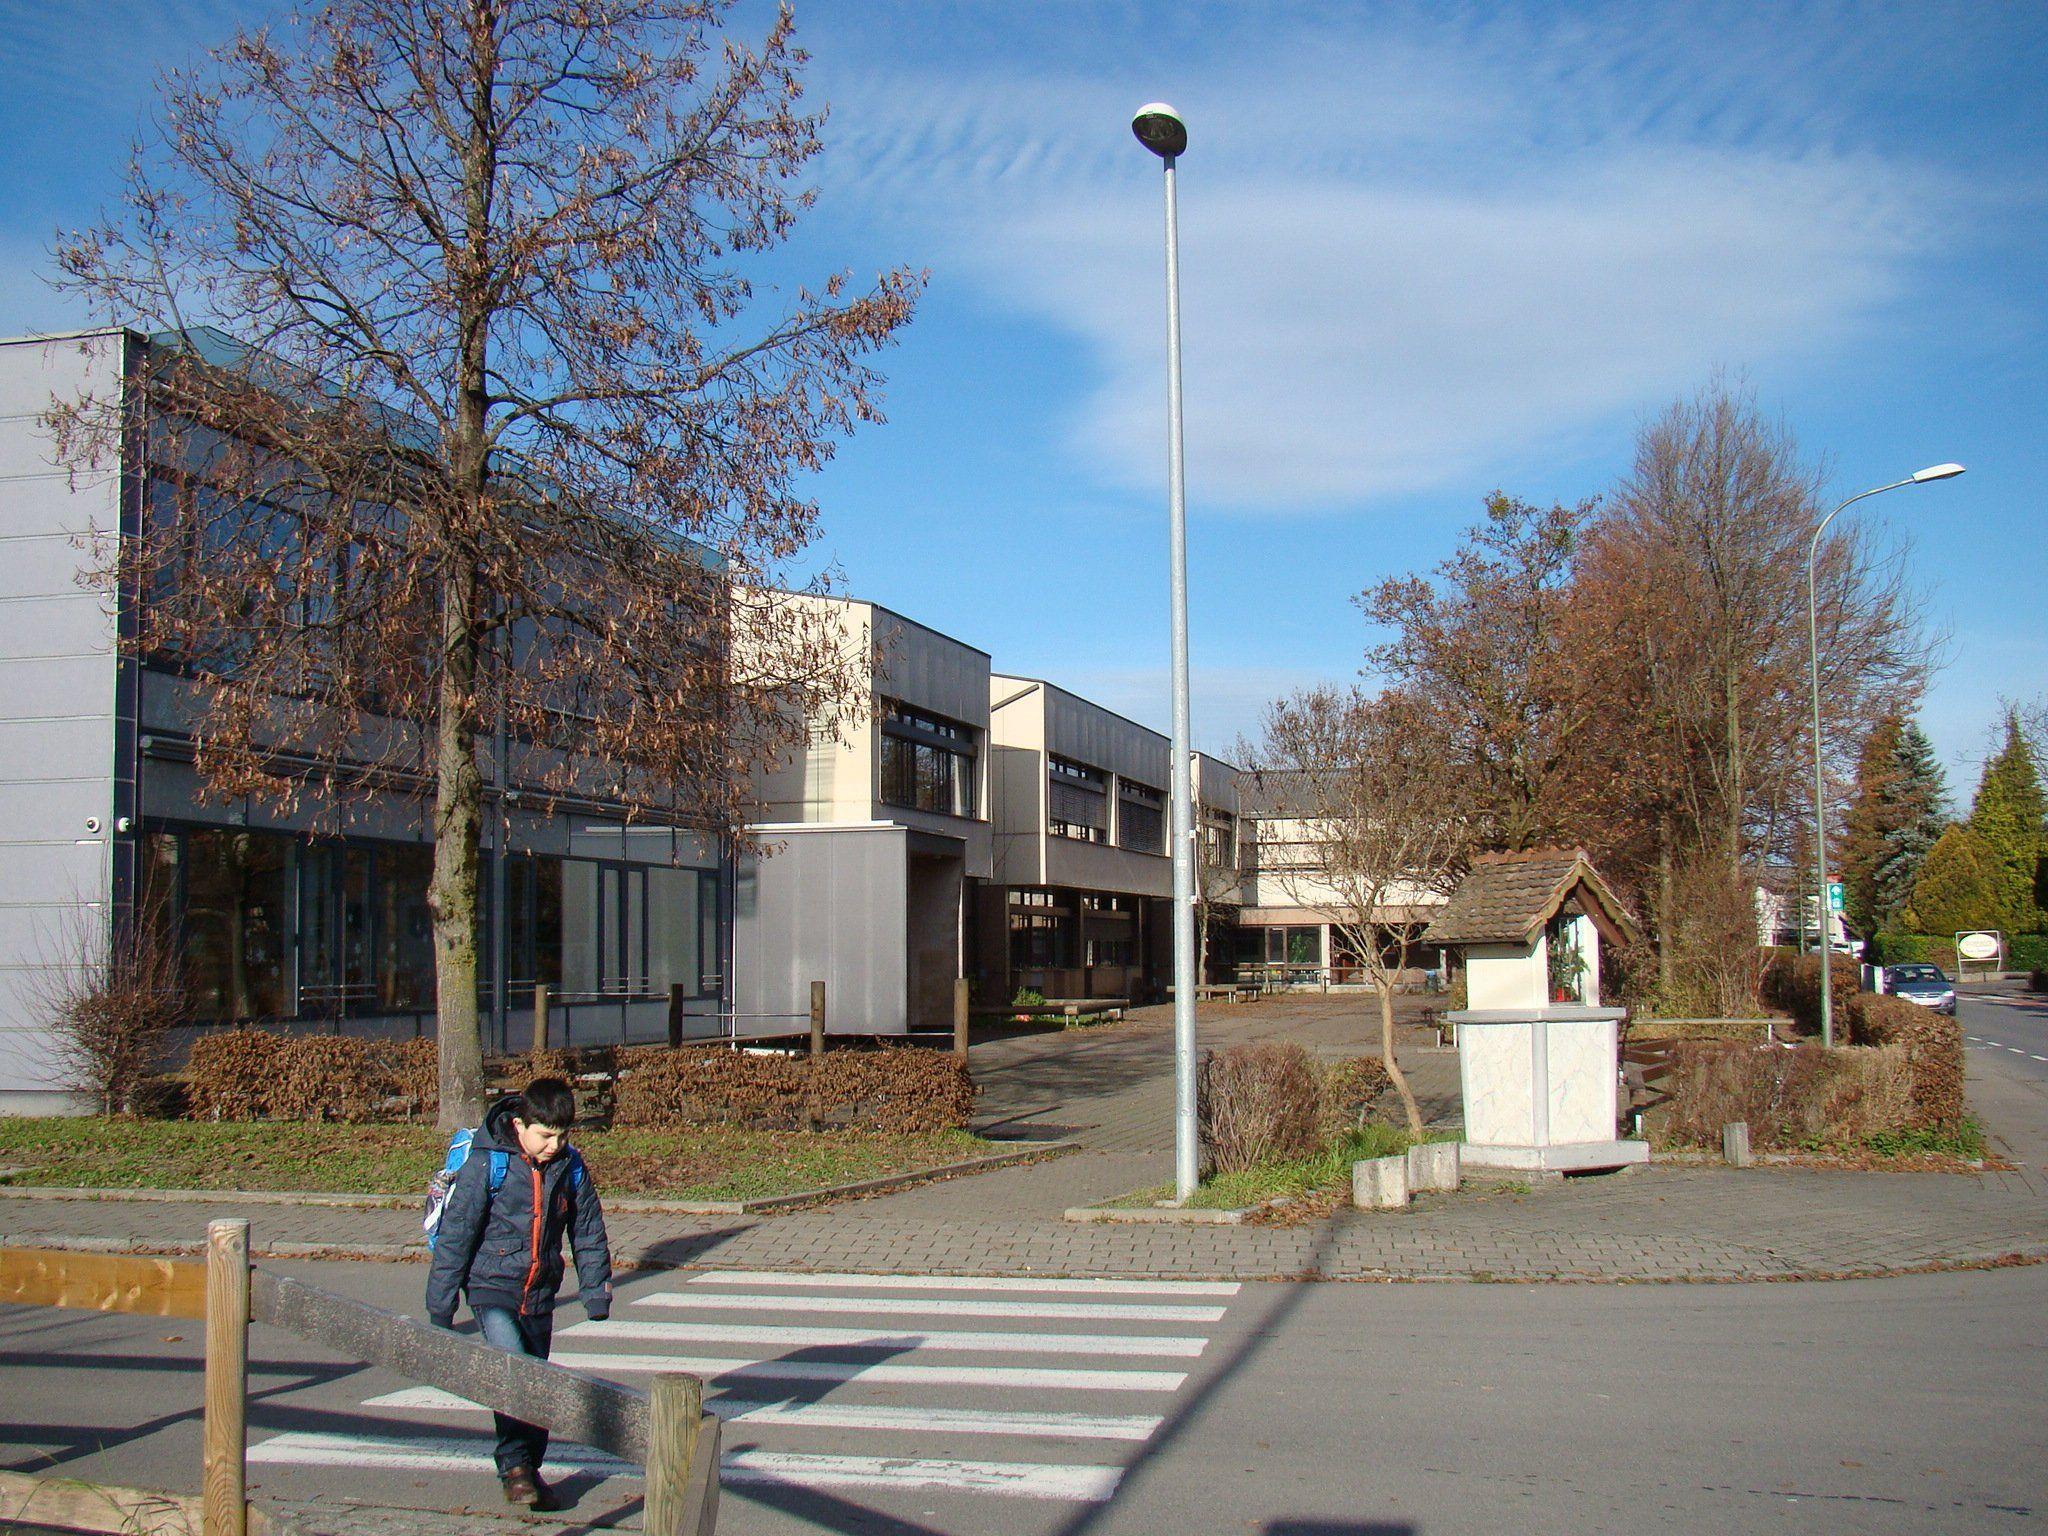 Statt der Generalsanierung der Volksschule Rotkreuz wird die Errichtung eines modernen Bildungs-Campus geplant.